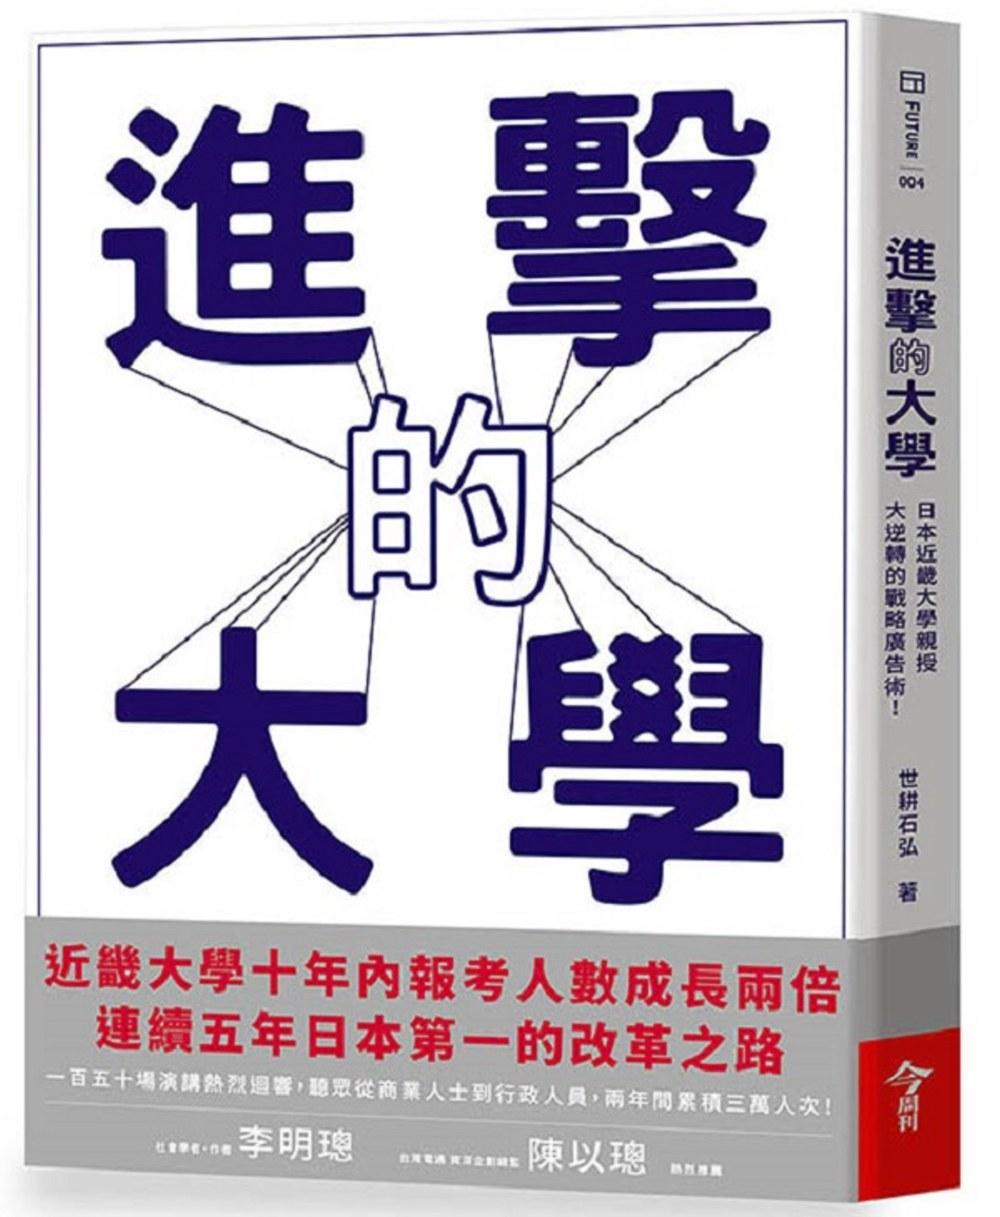 進擊的大學:日本近畿大學親授大逆轉的戰略廣告術